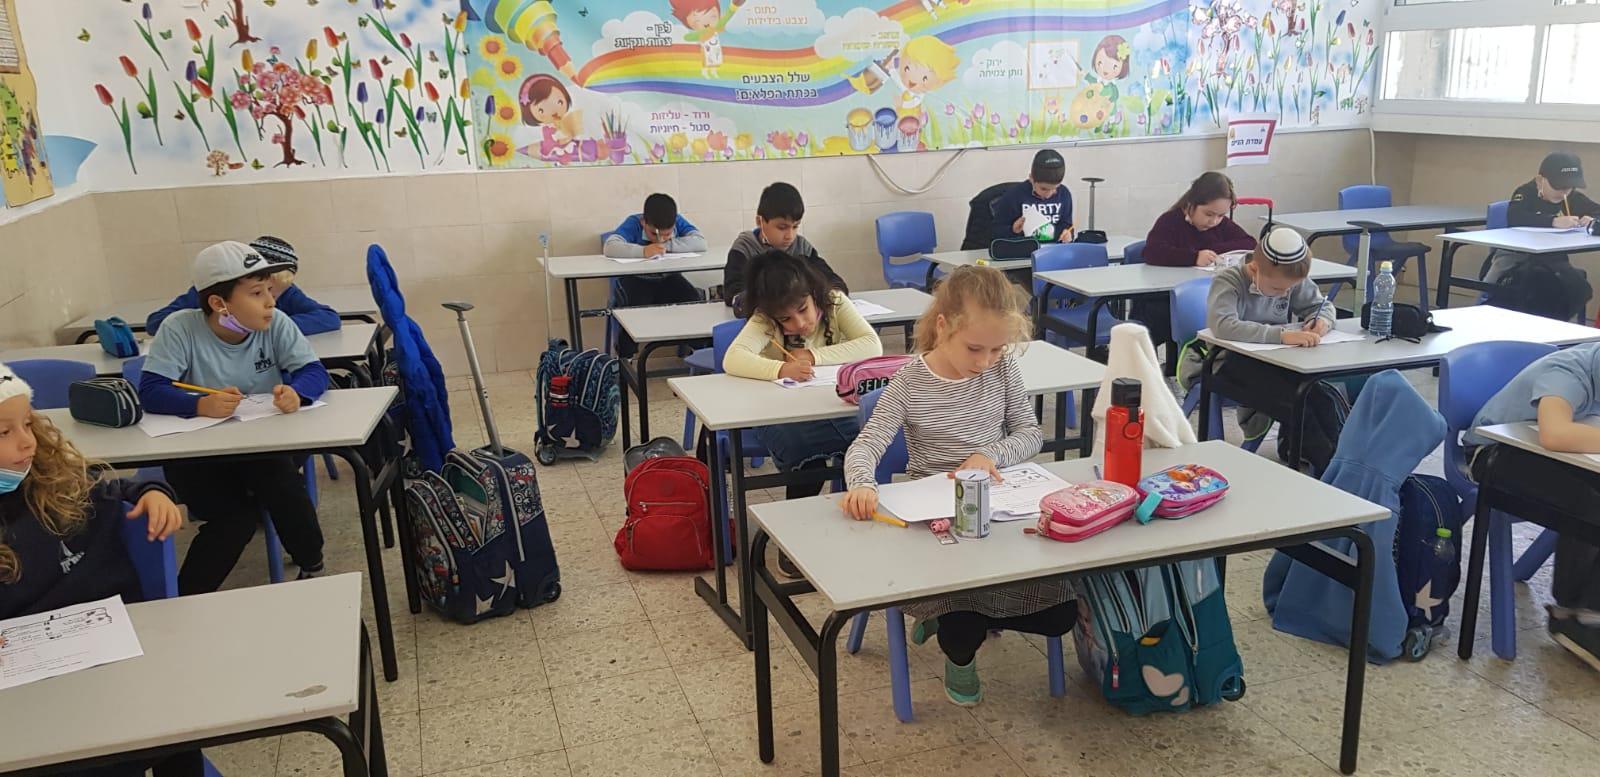 כיתה ב' המדהימה כותבת מבחני מחוננים בהצלחה רבה!